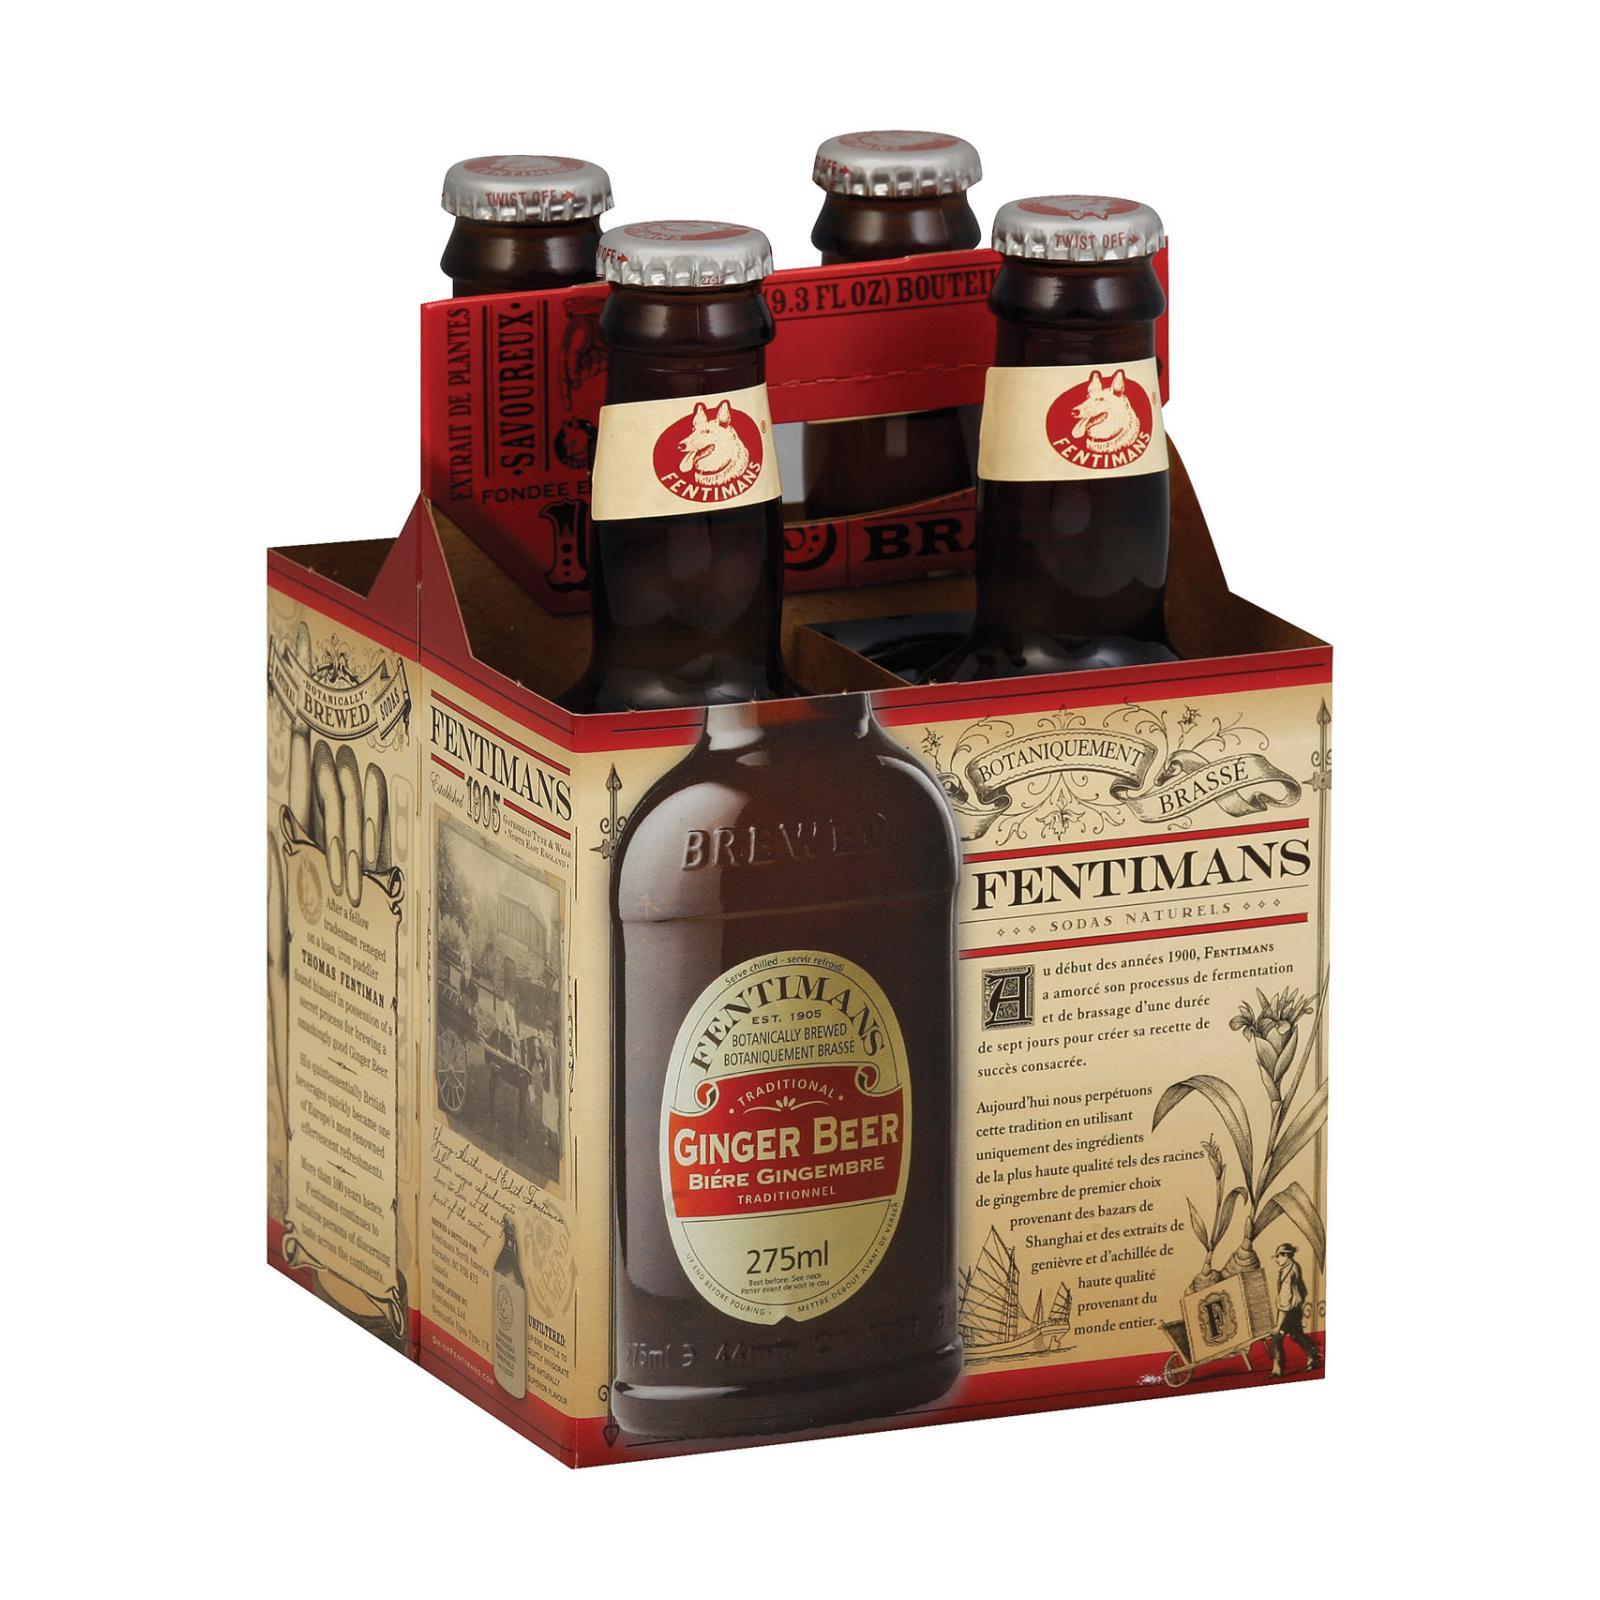 Fentimans North America Ginger Beer - Beer - Case of 6 - 9.3 FL oz.